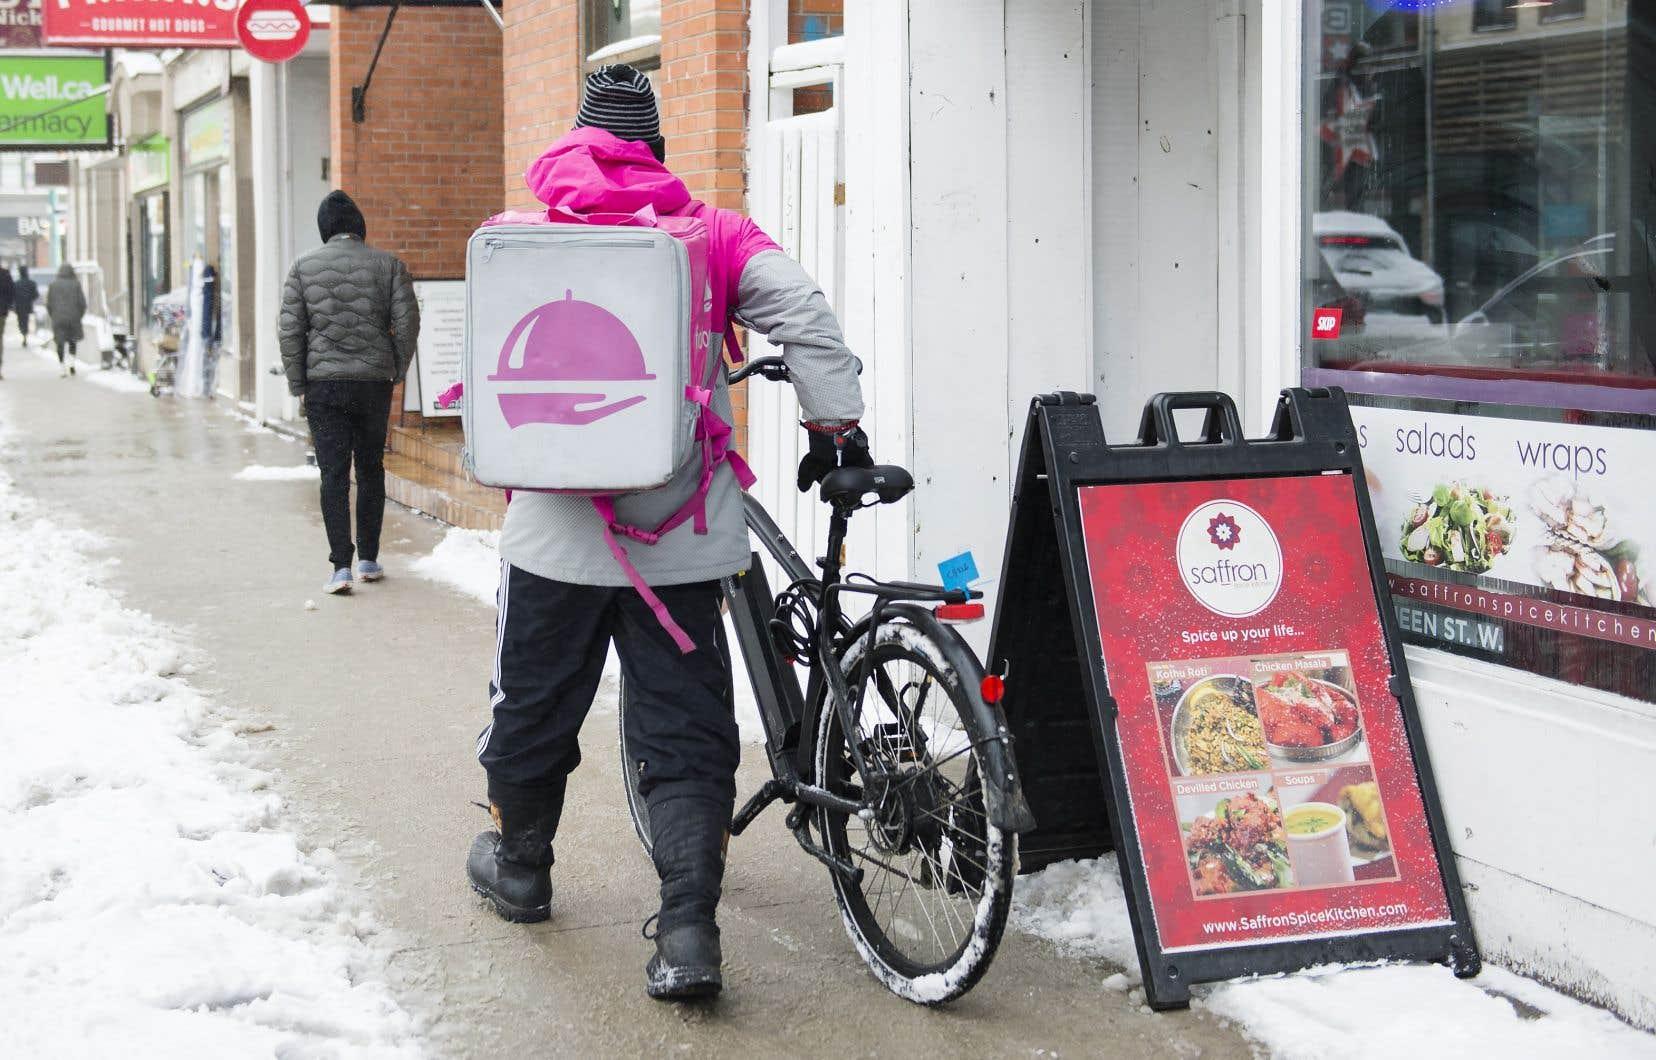 En février dernier, la Commission des relations de travail de l'Ontario avait statué que ces livreurs s'apparentaient à des employés ou à des sous-traitants dépendants, et non à des sous-traitants indépendants, ils avaient donc le droit de se syndiquer.